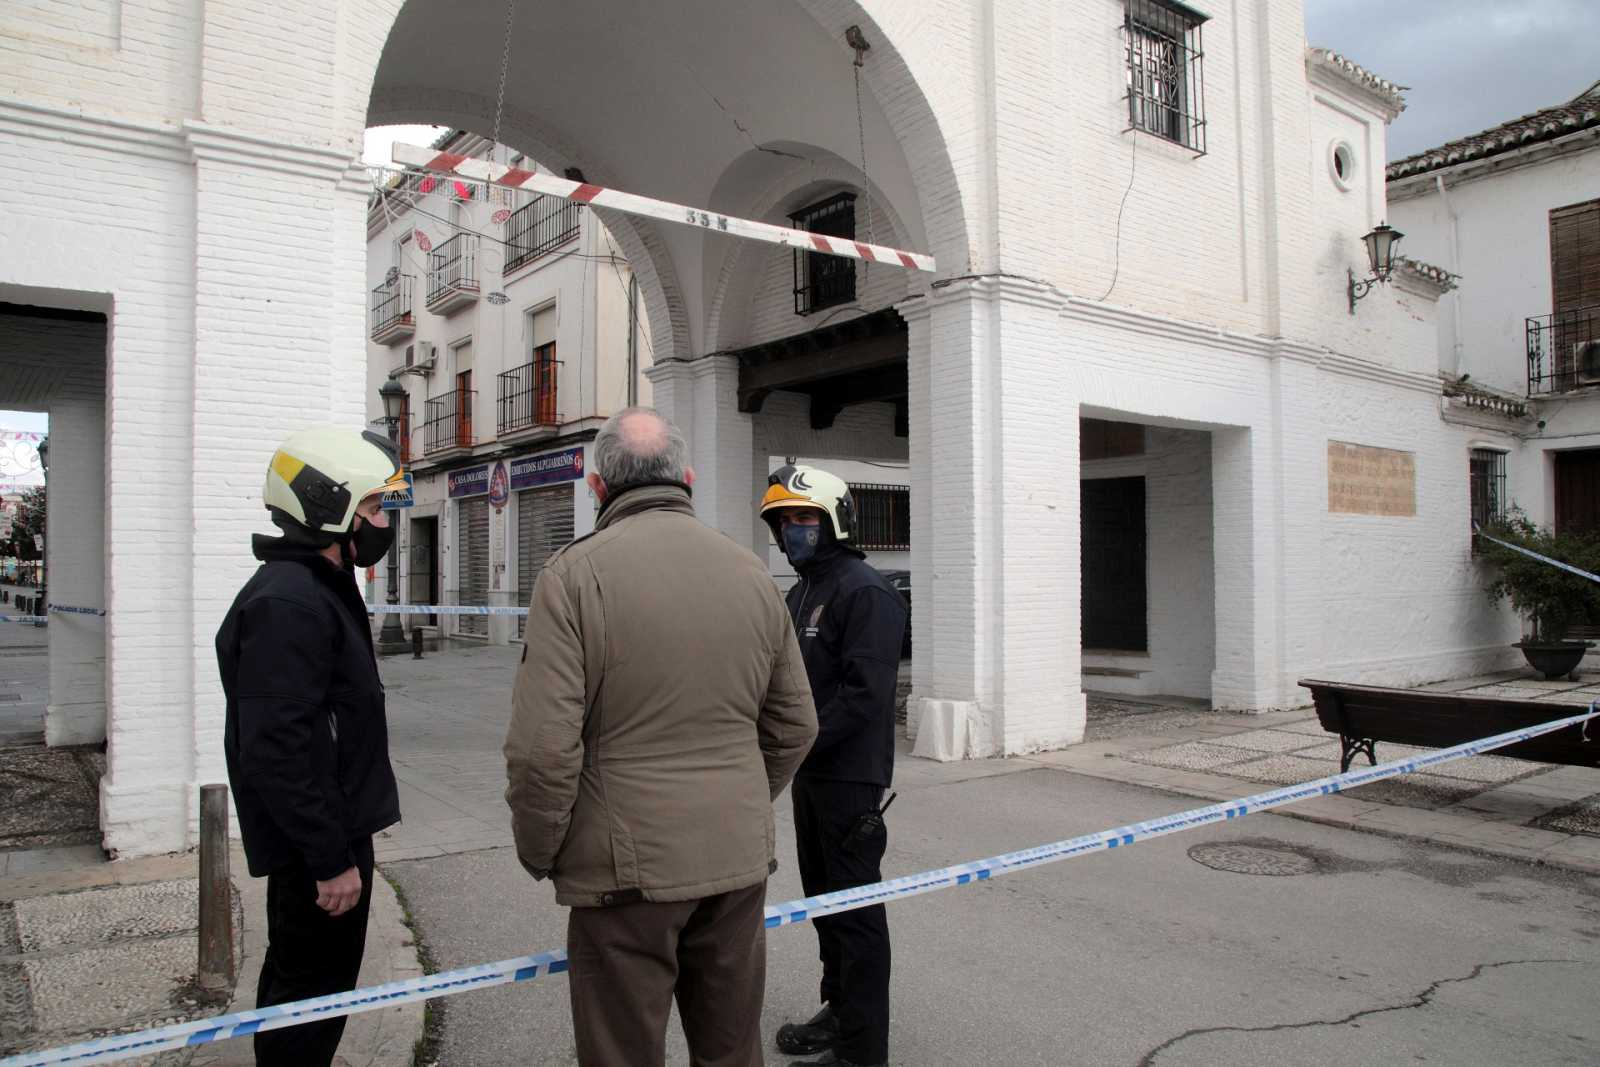 Registrado un terremoto de magnitud 4,4 con epicentro en la localidad granadina de Santa Fe